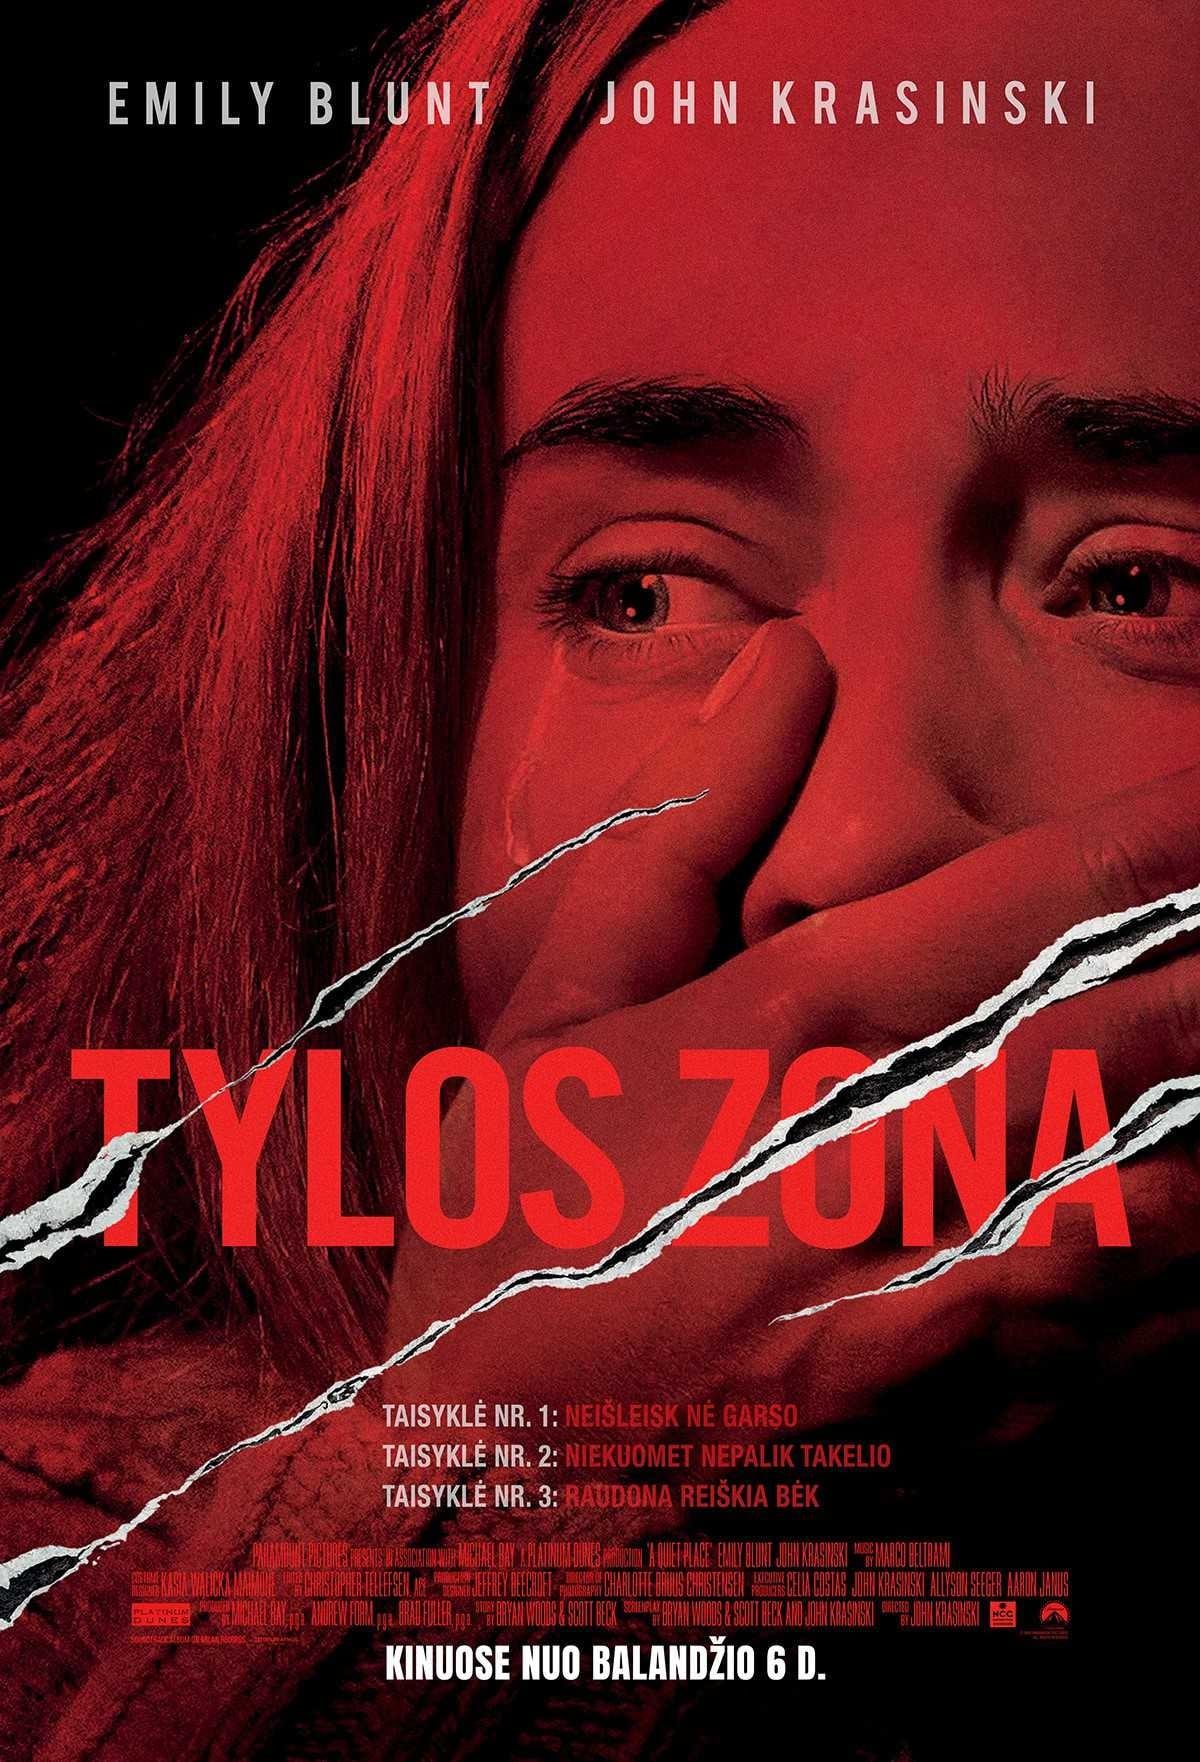 Tylos zona Online